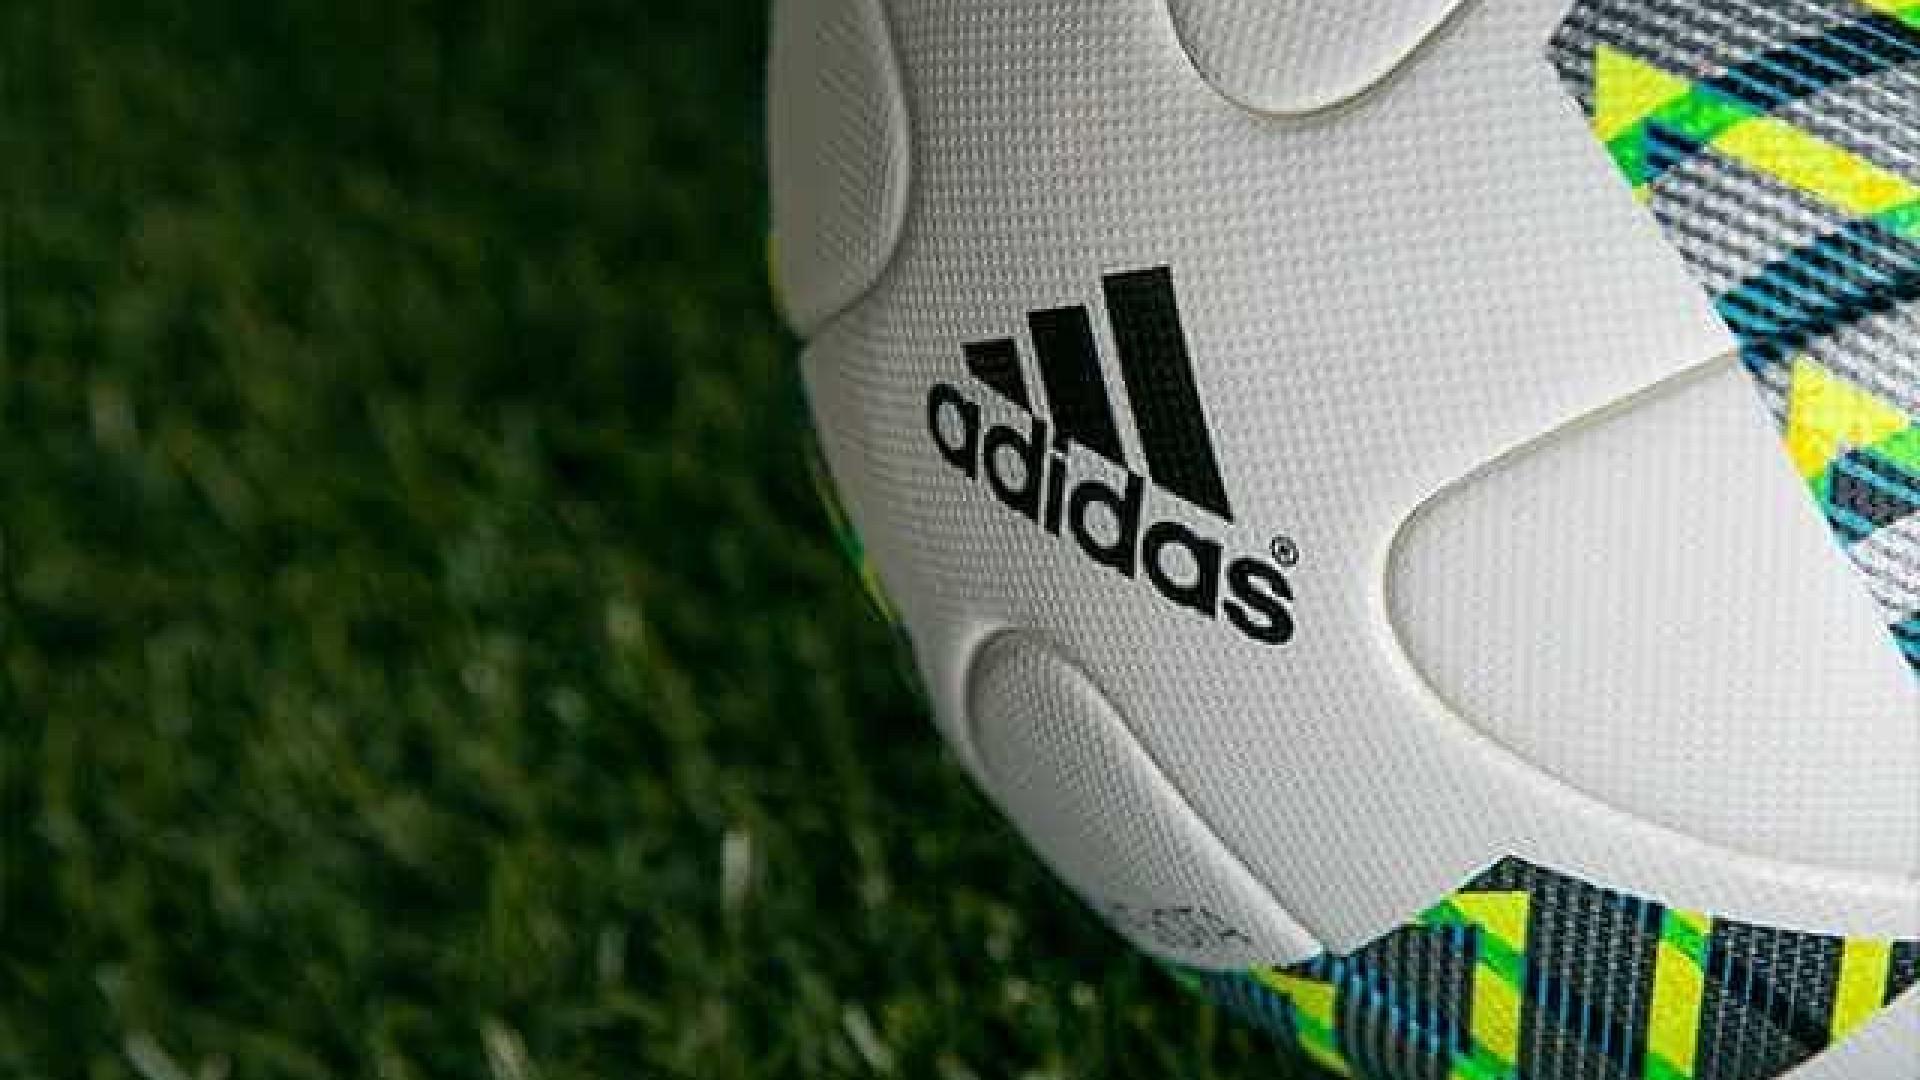 a8c913bc2a4 Adidas prepara-se para fechar lojas. Grupo vai focar-se nas vendas online